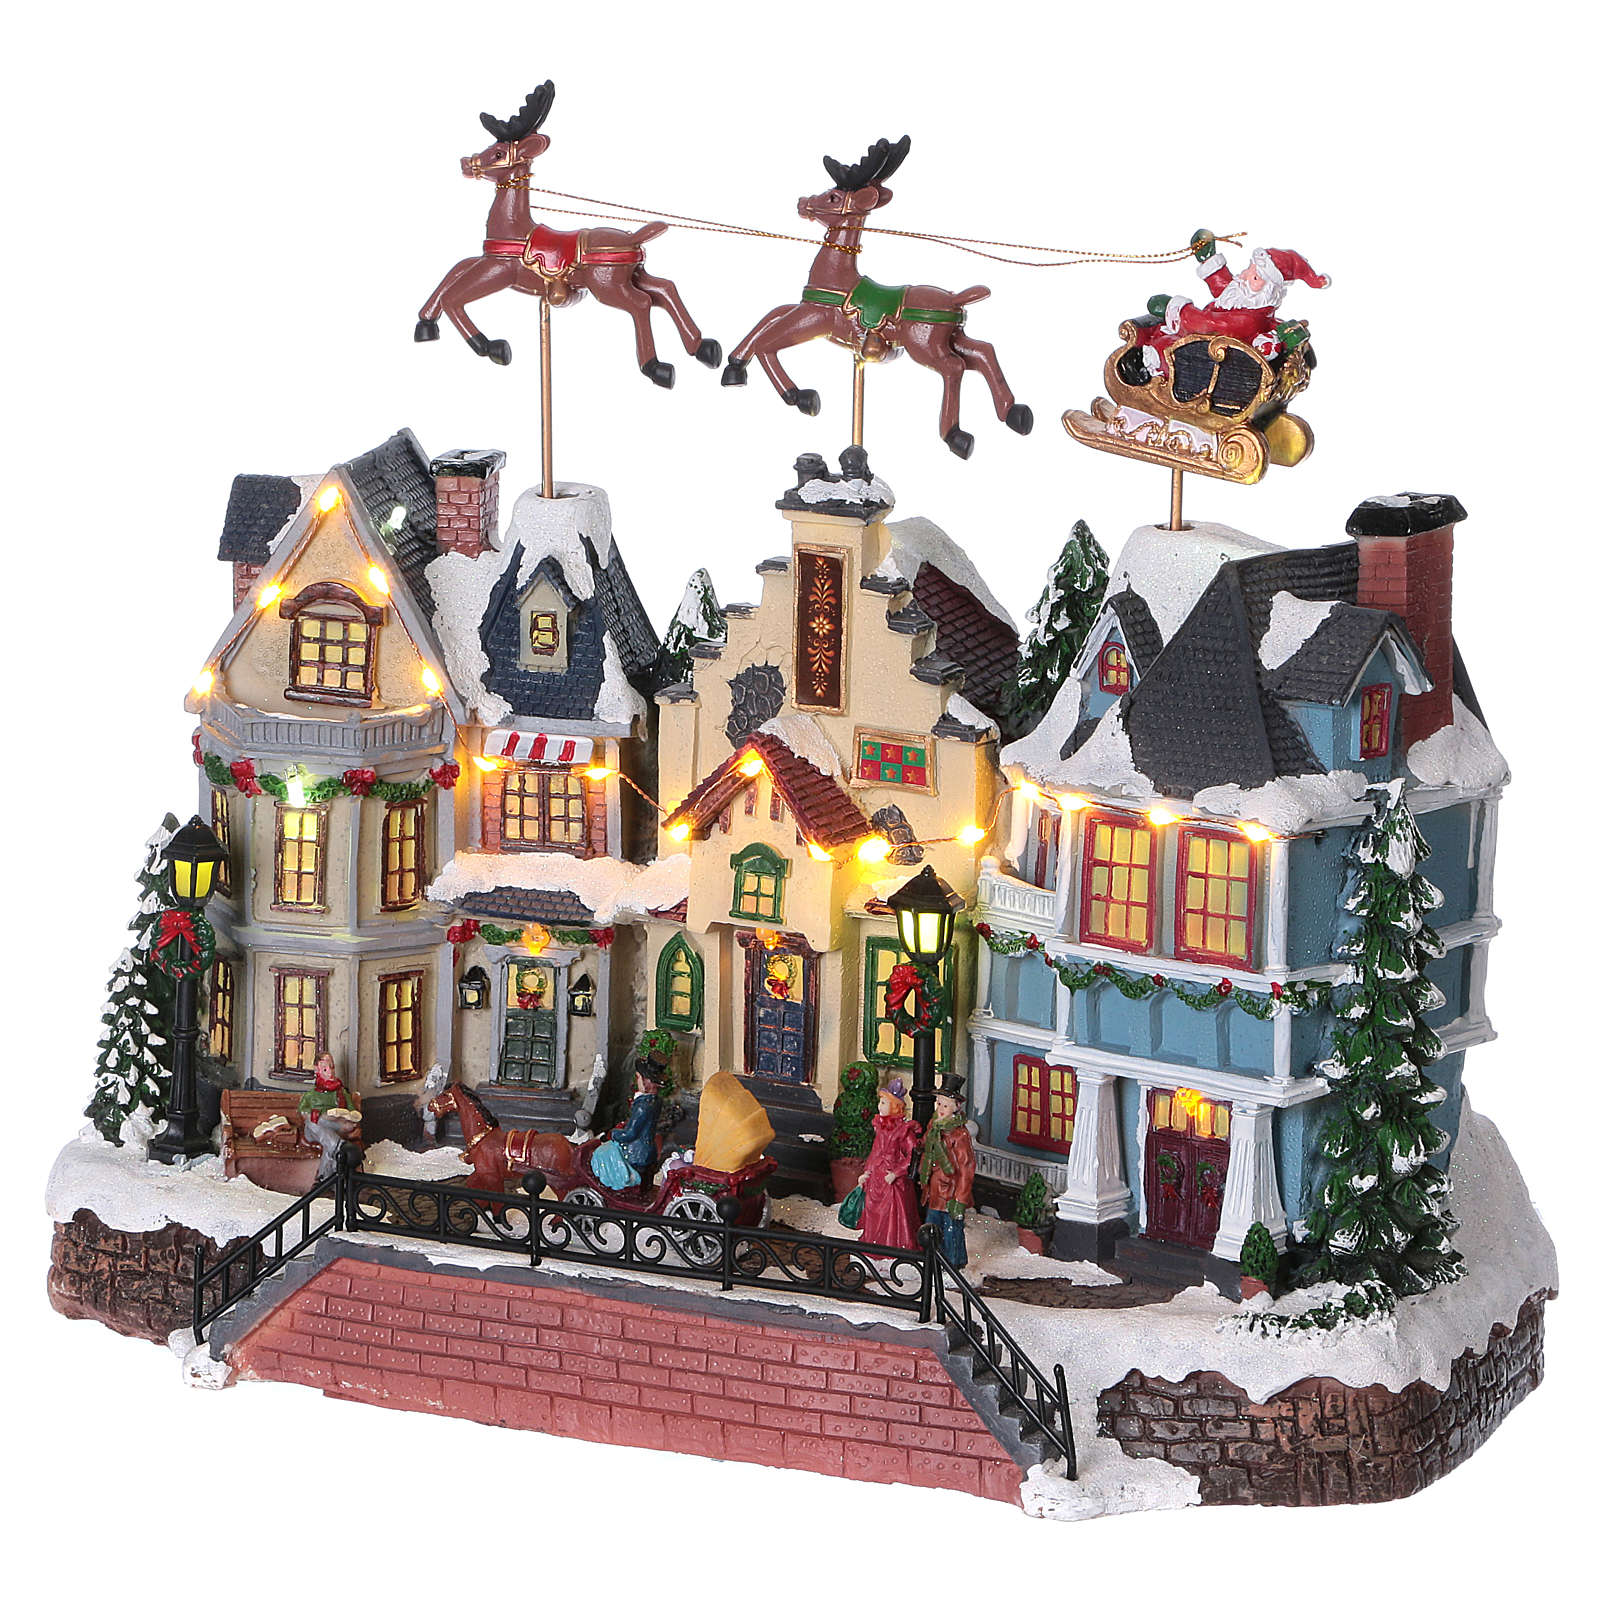 Weihnachtsdorf mit Weihnachtsmann und Rentieren in Bewegung 30x35x20 Beleuchtung und Musikfunktion Netzanschluss 3